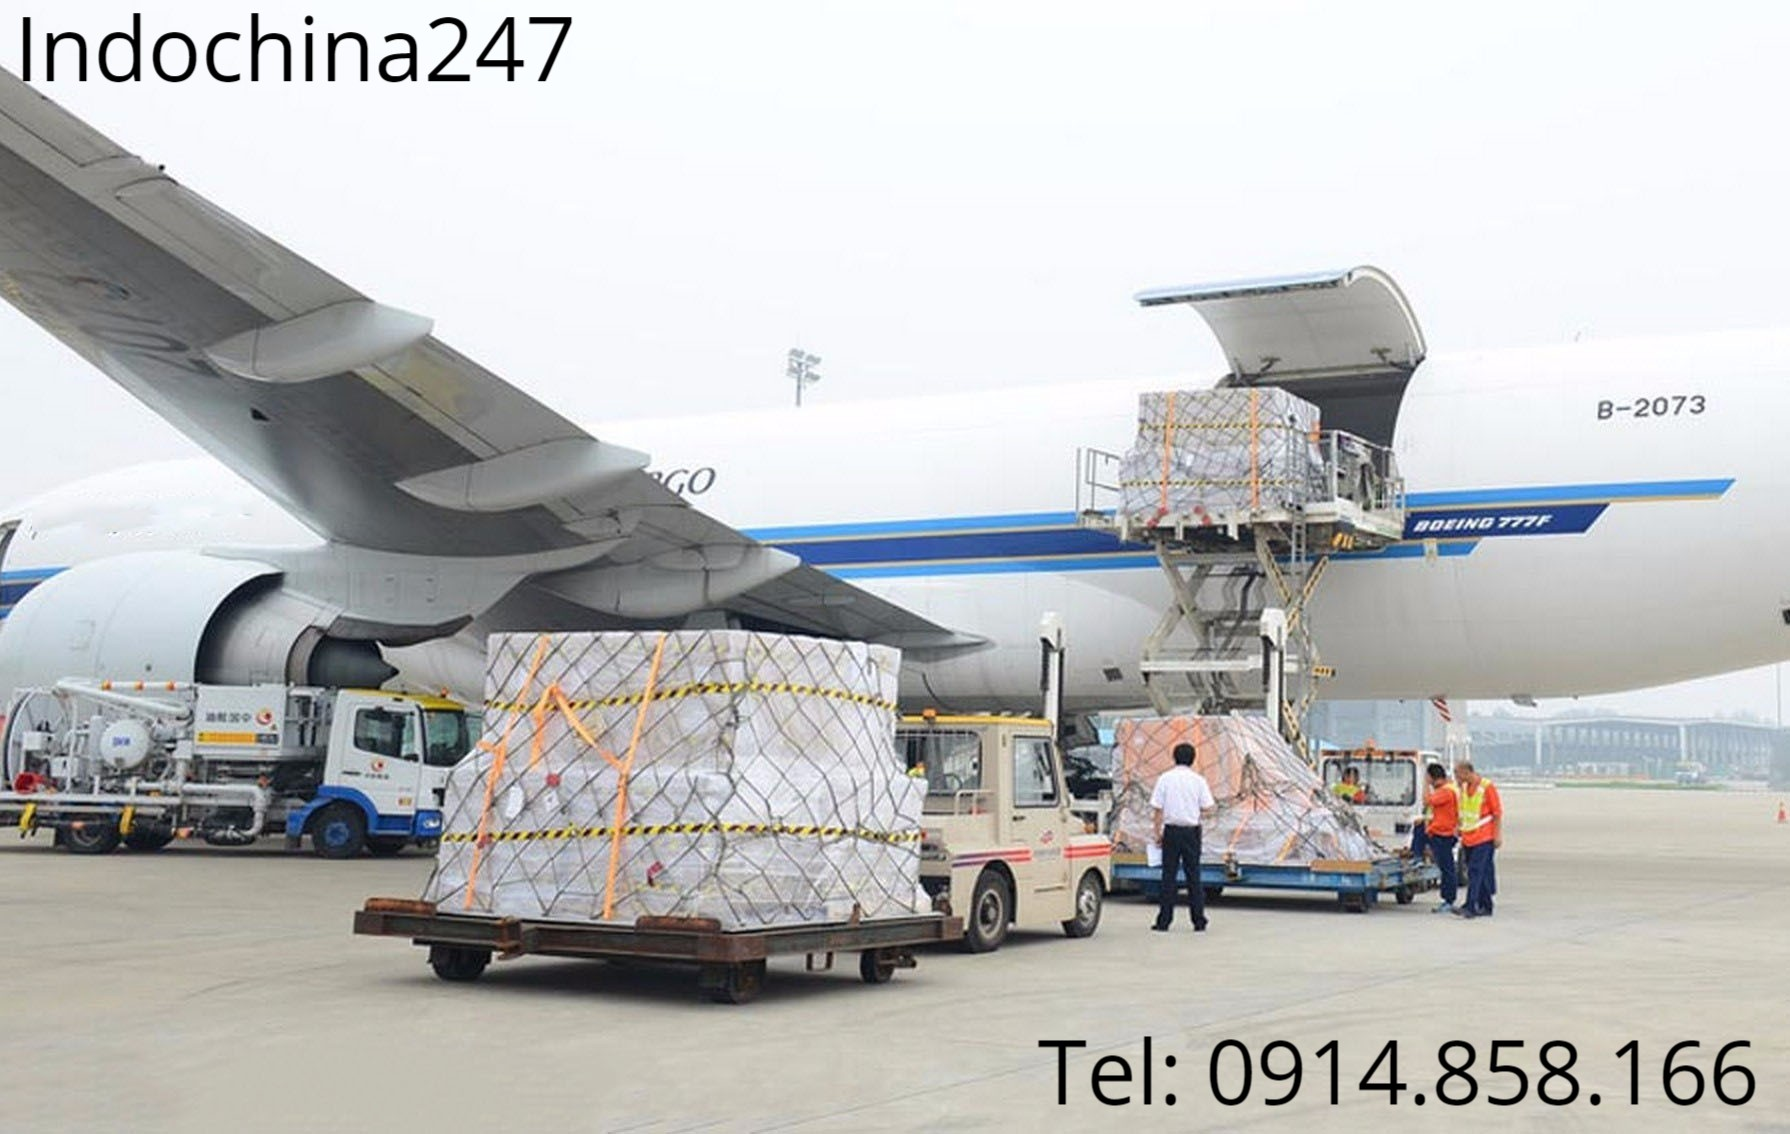 Dịch vụ vận chuyển hàng hóa giá rẻ từ Thụy Sỹ về Việt Nam